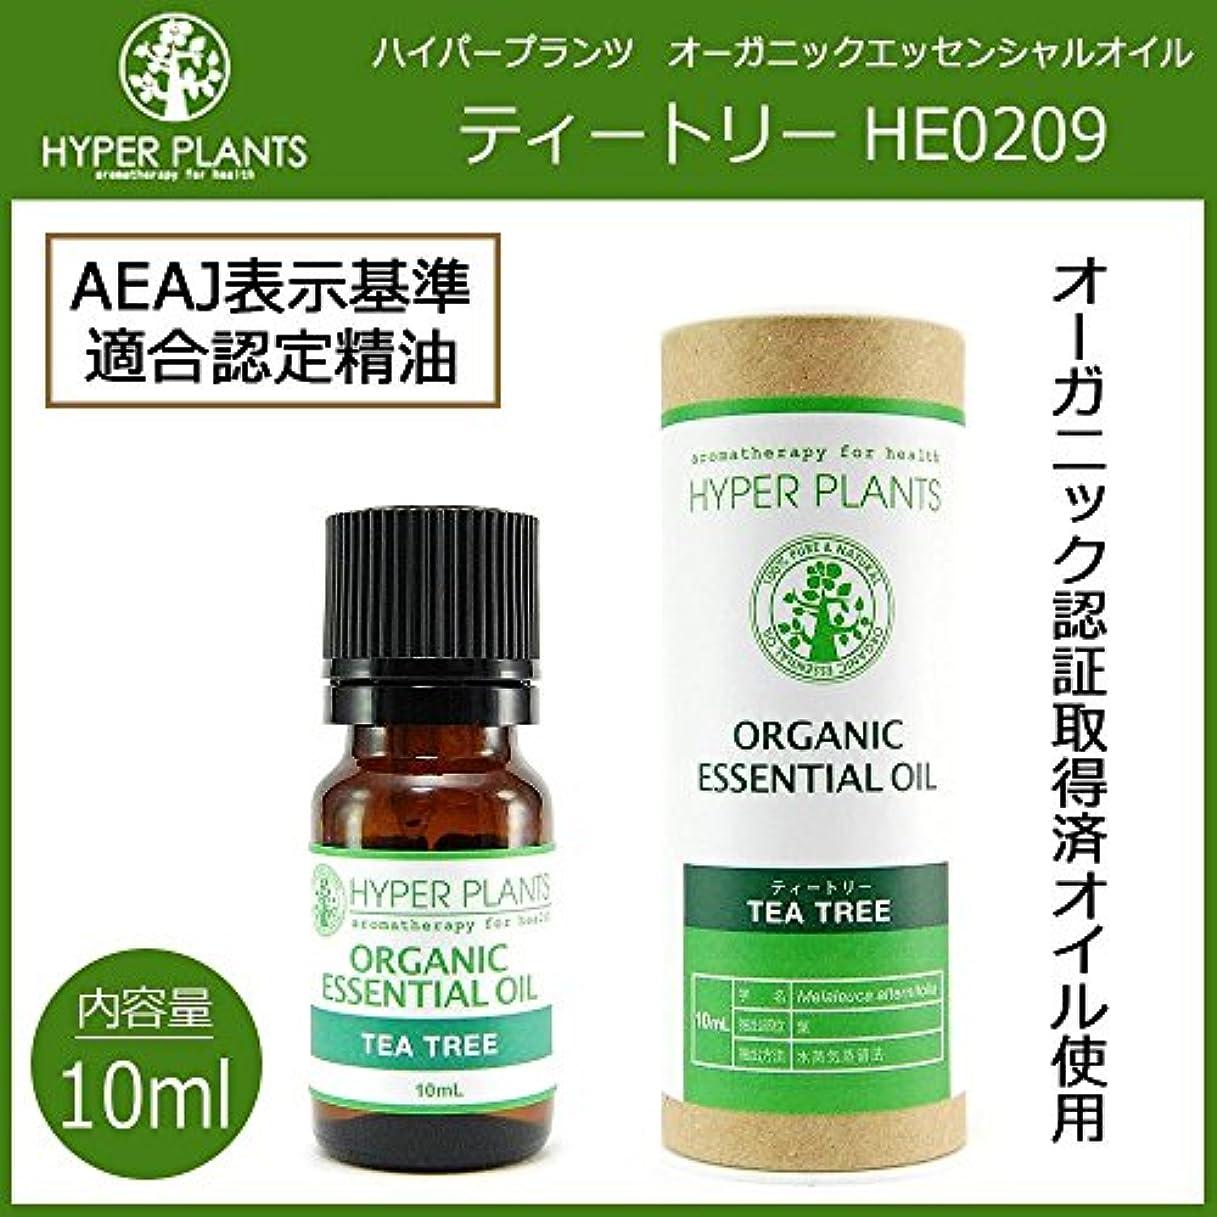 適合私のスペアHYPER PLANTS ハイパープランツ オーガニックエッセンシャルオイル ティートリー 10ml HE0209